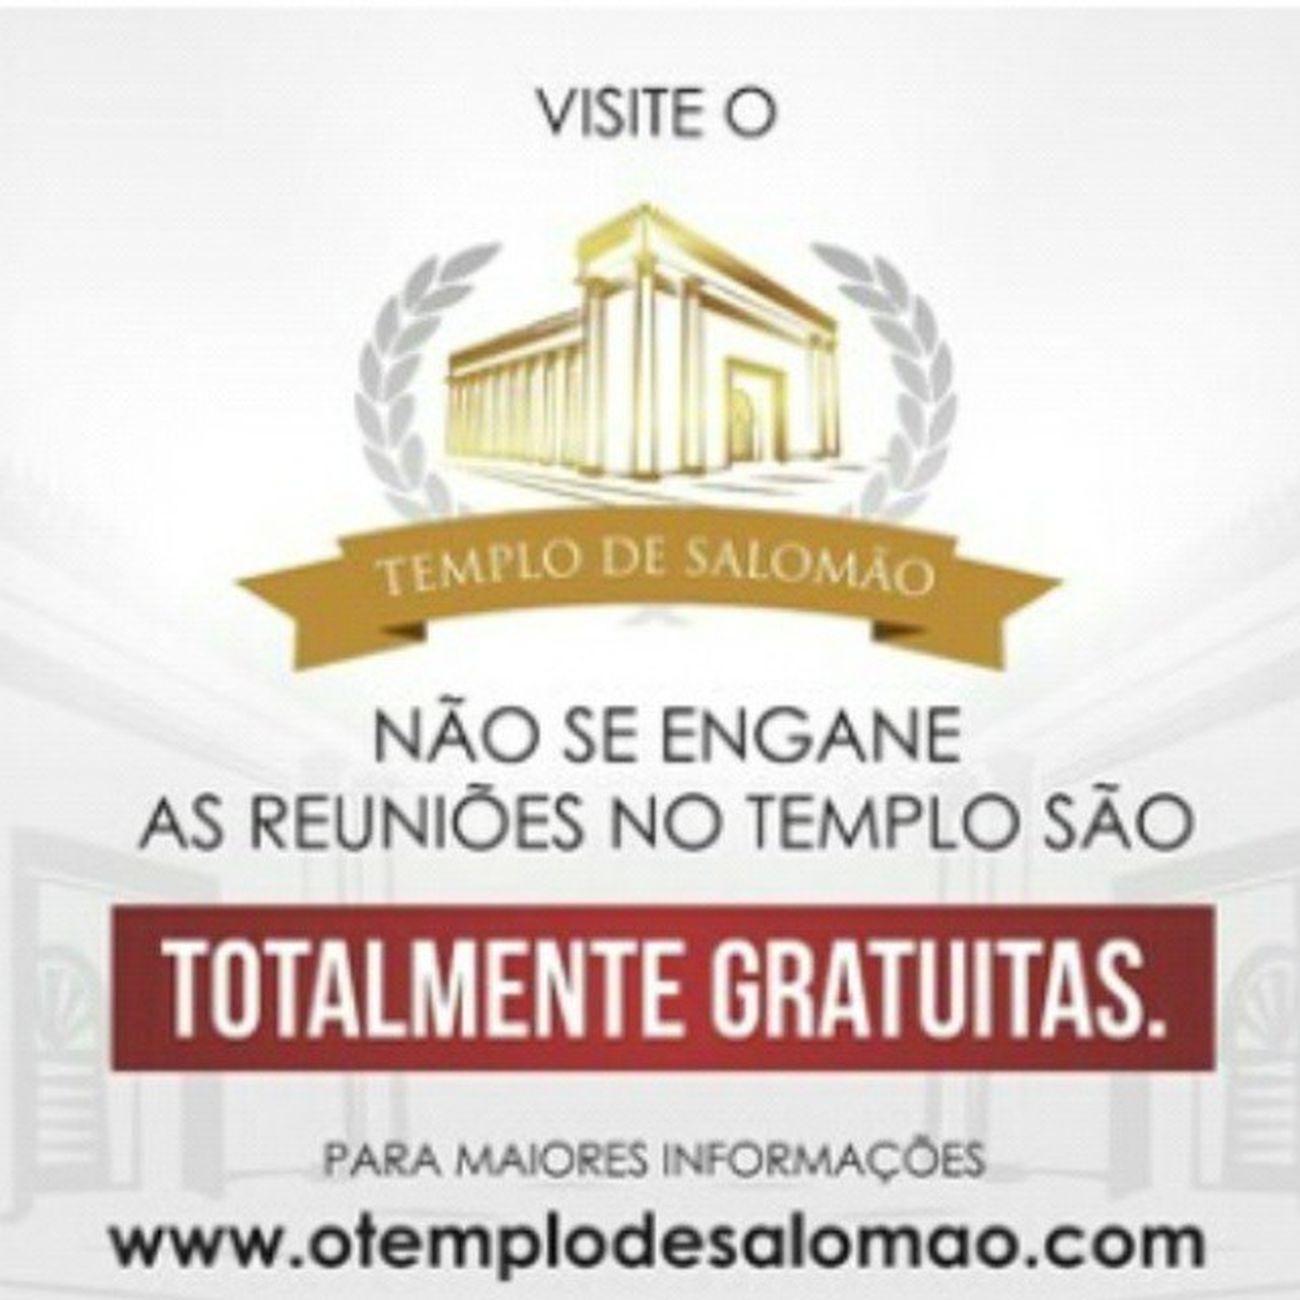 Que a Verdade prevaleça sobre a mentira a entrada no TemplodeSalomão sempre foi e será GRATUITA basta ir no templo e retirar sua credencial :D :D